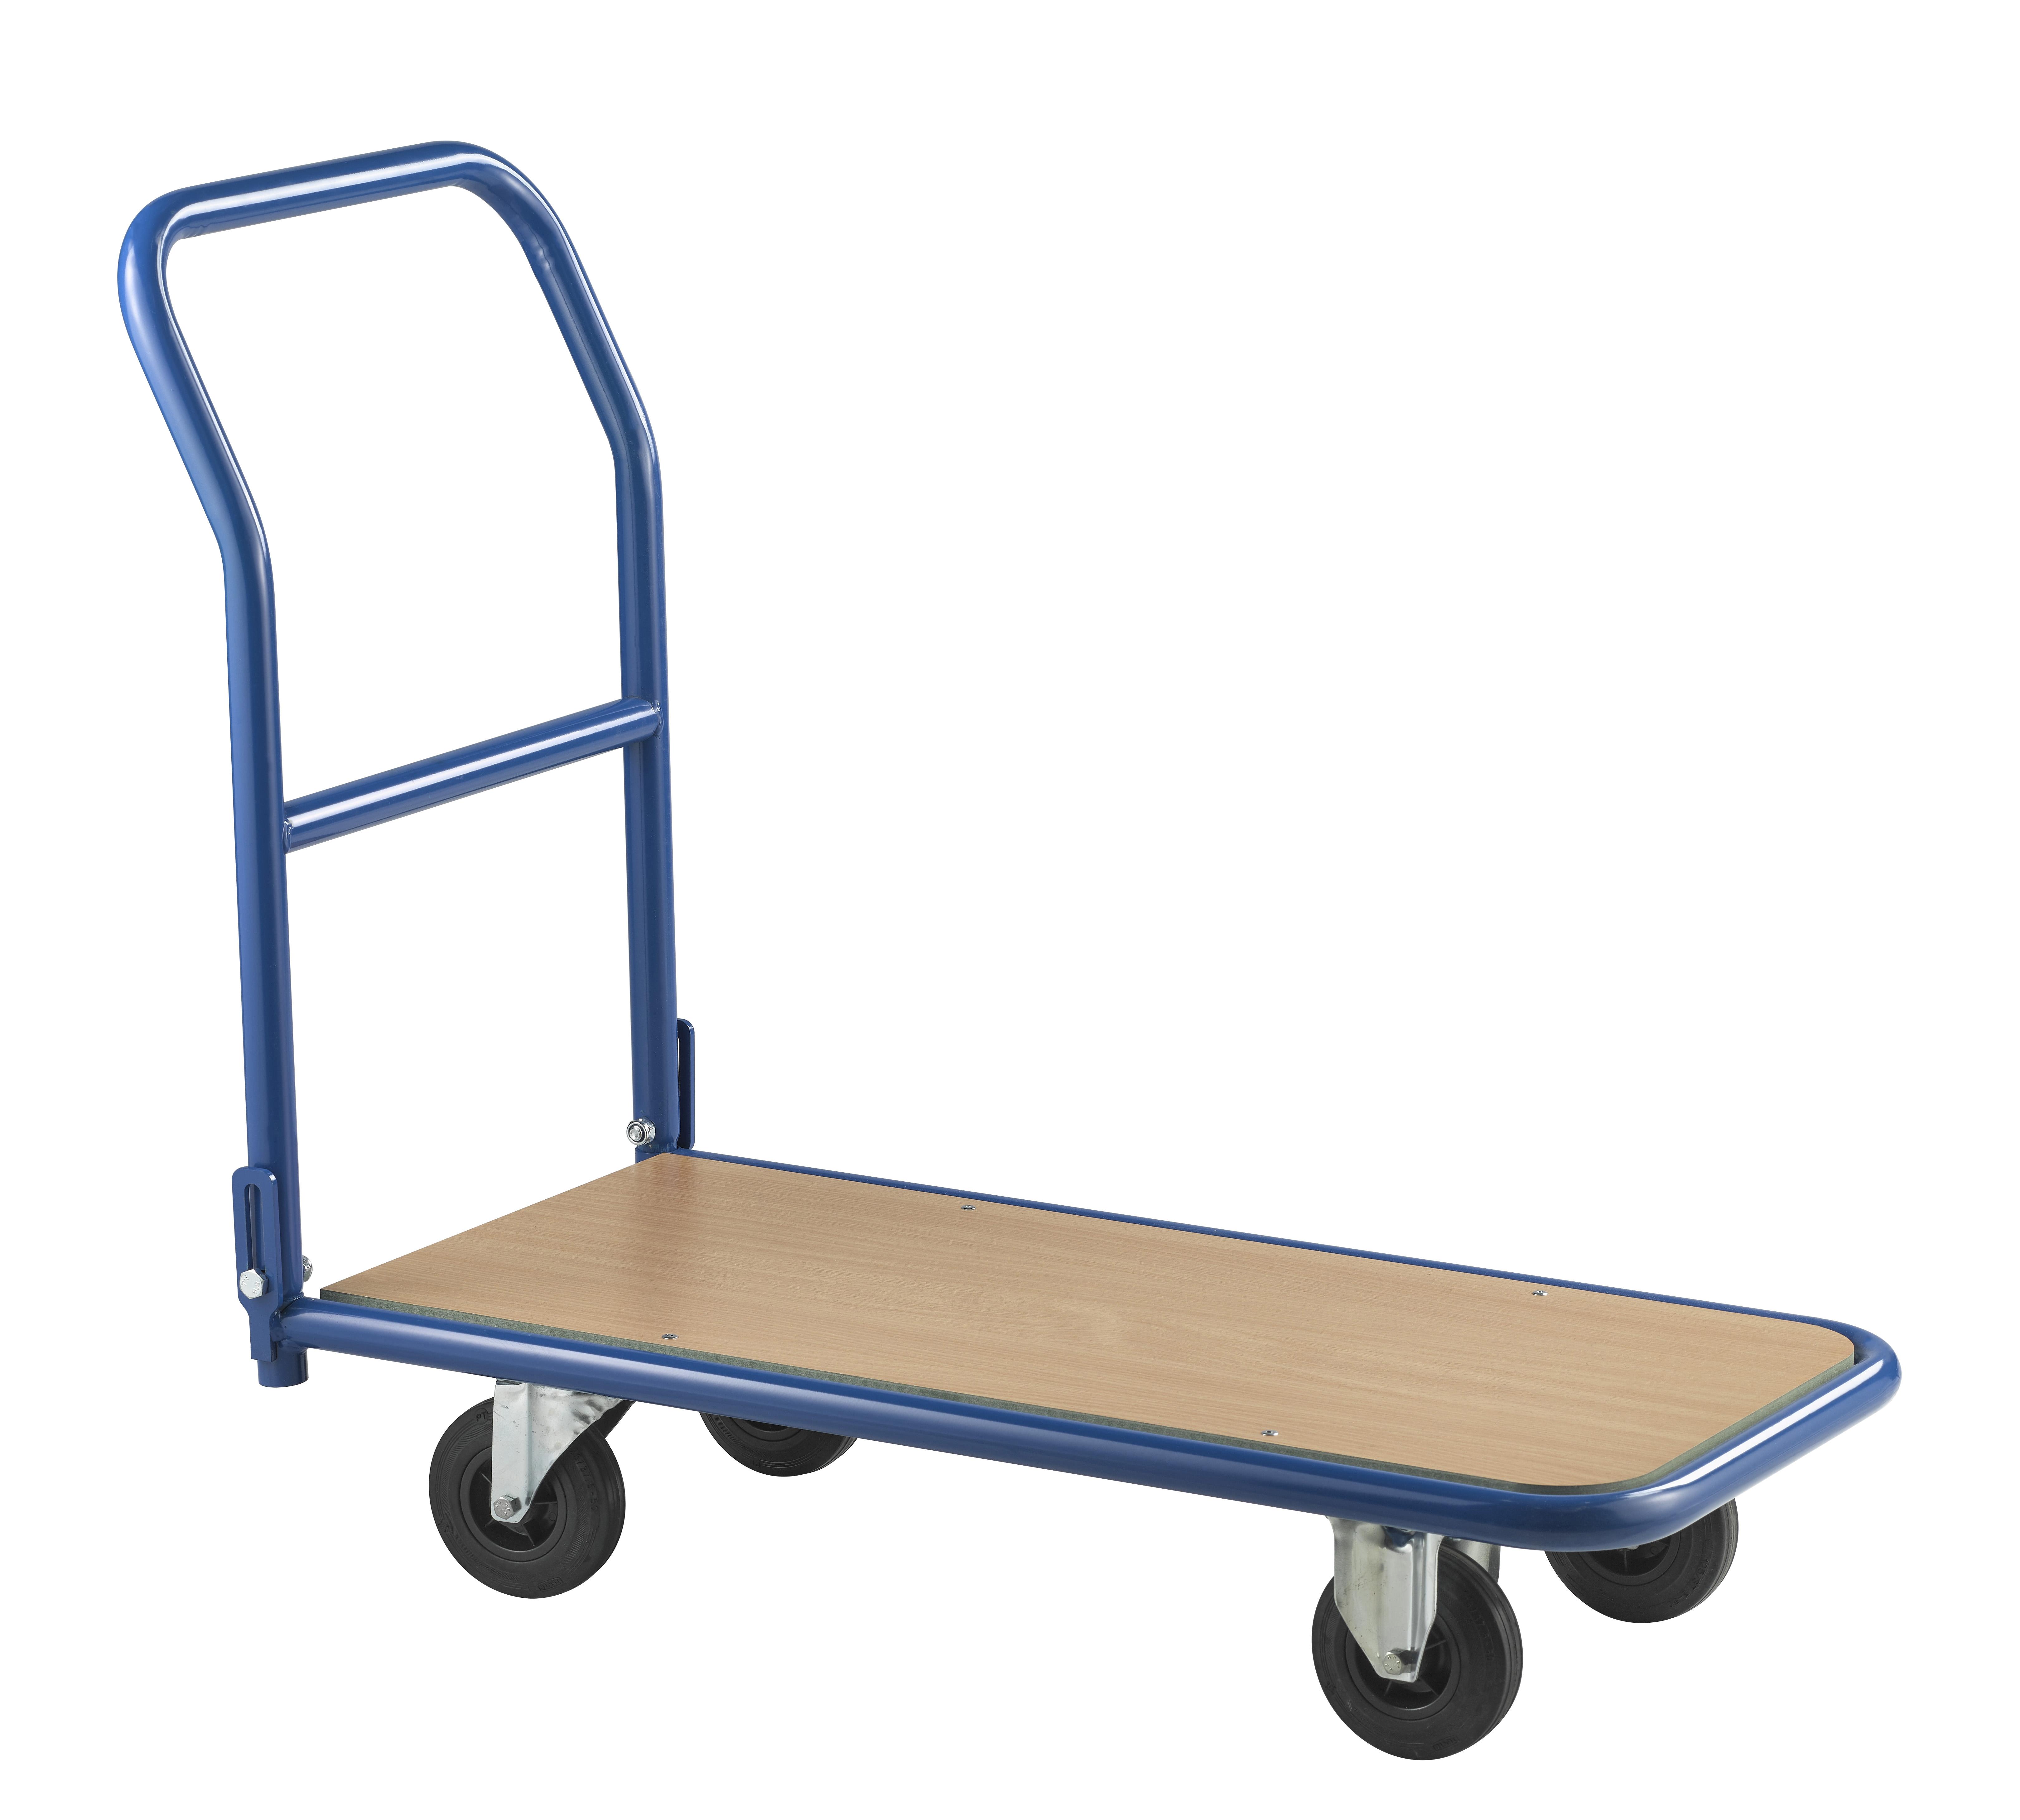 Chariot pliable à roulettes charge 250 kg